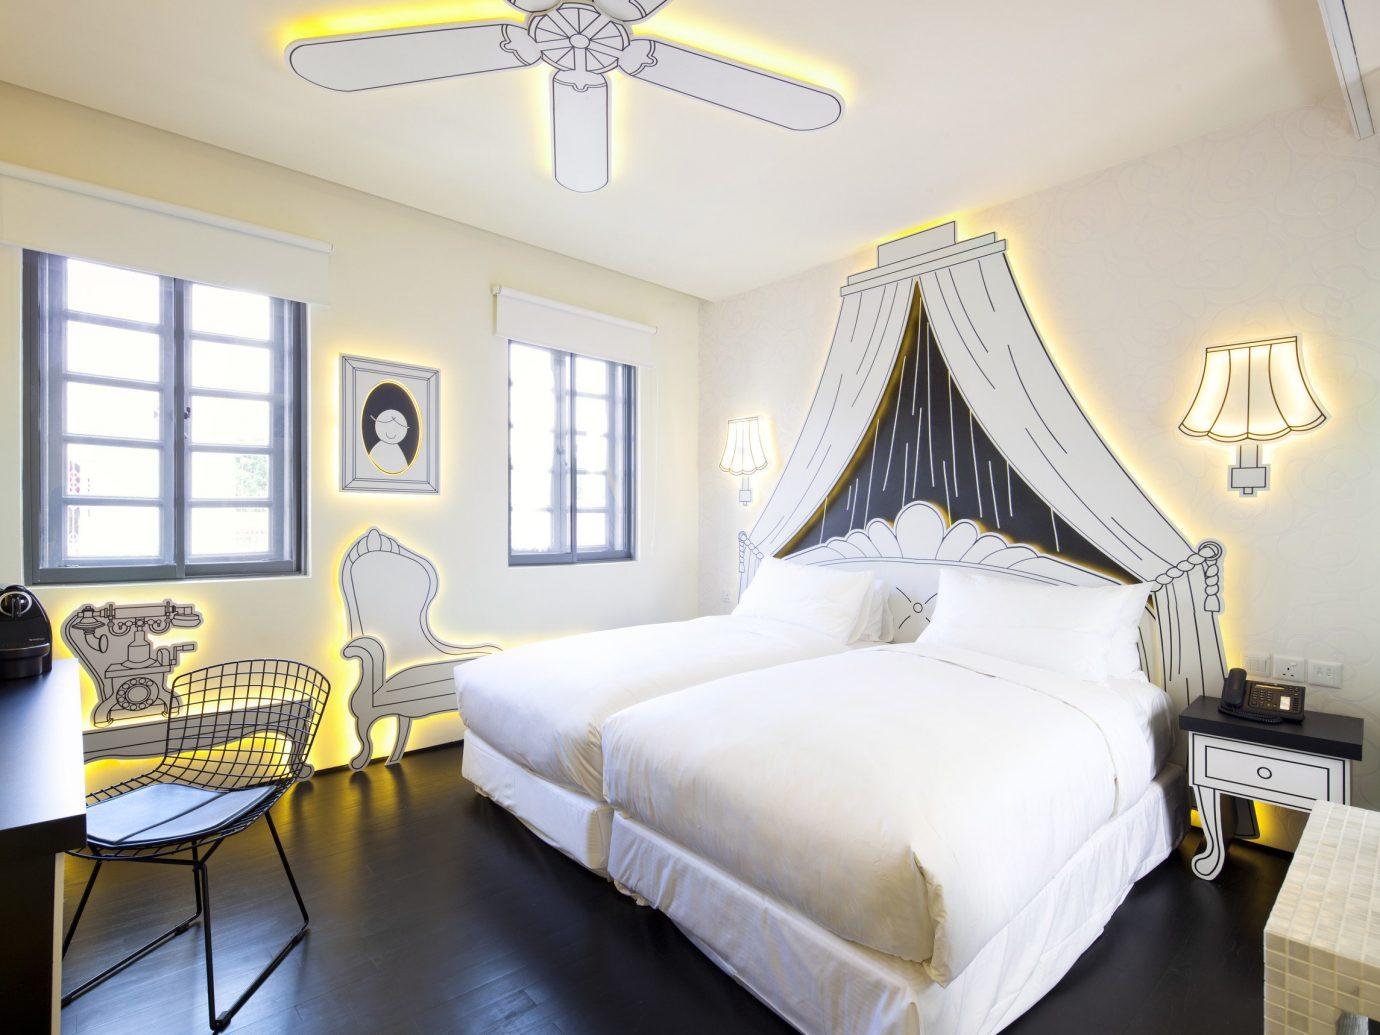 Budget indoor wall floor room property Bedroom bed ceiling interior design real estate Design estate Suite furniture several